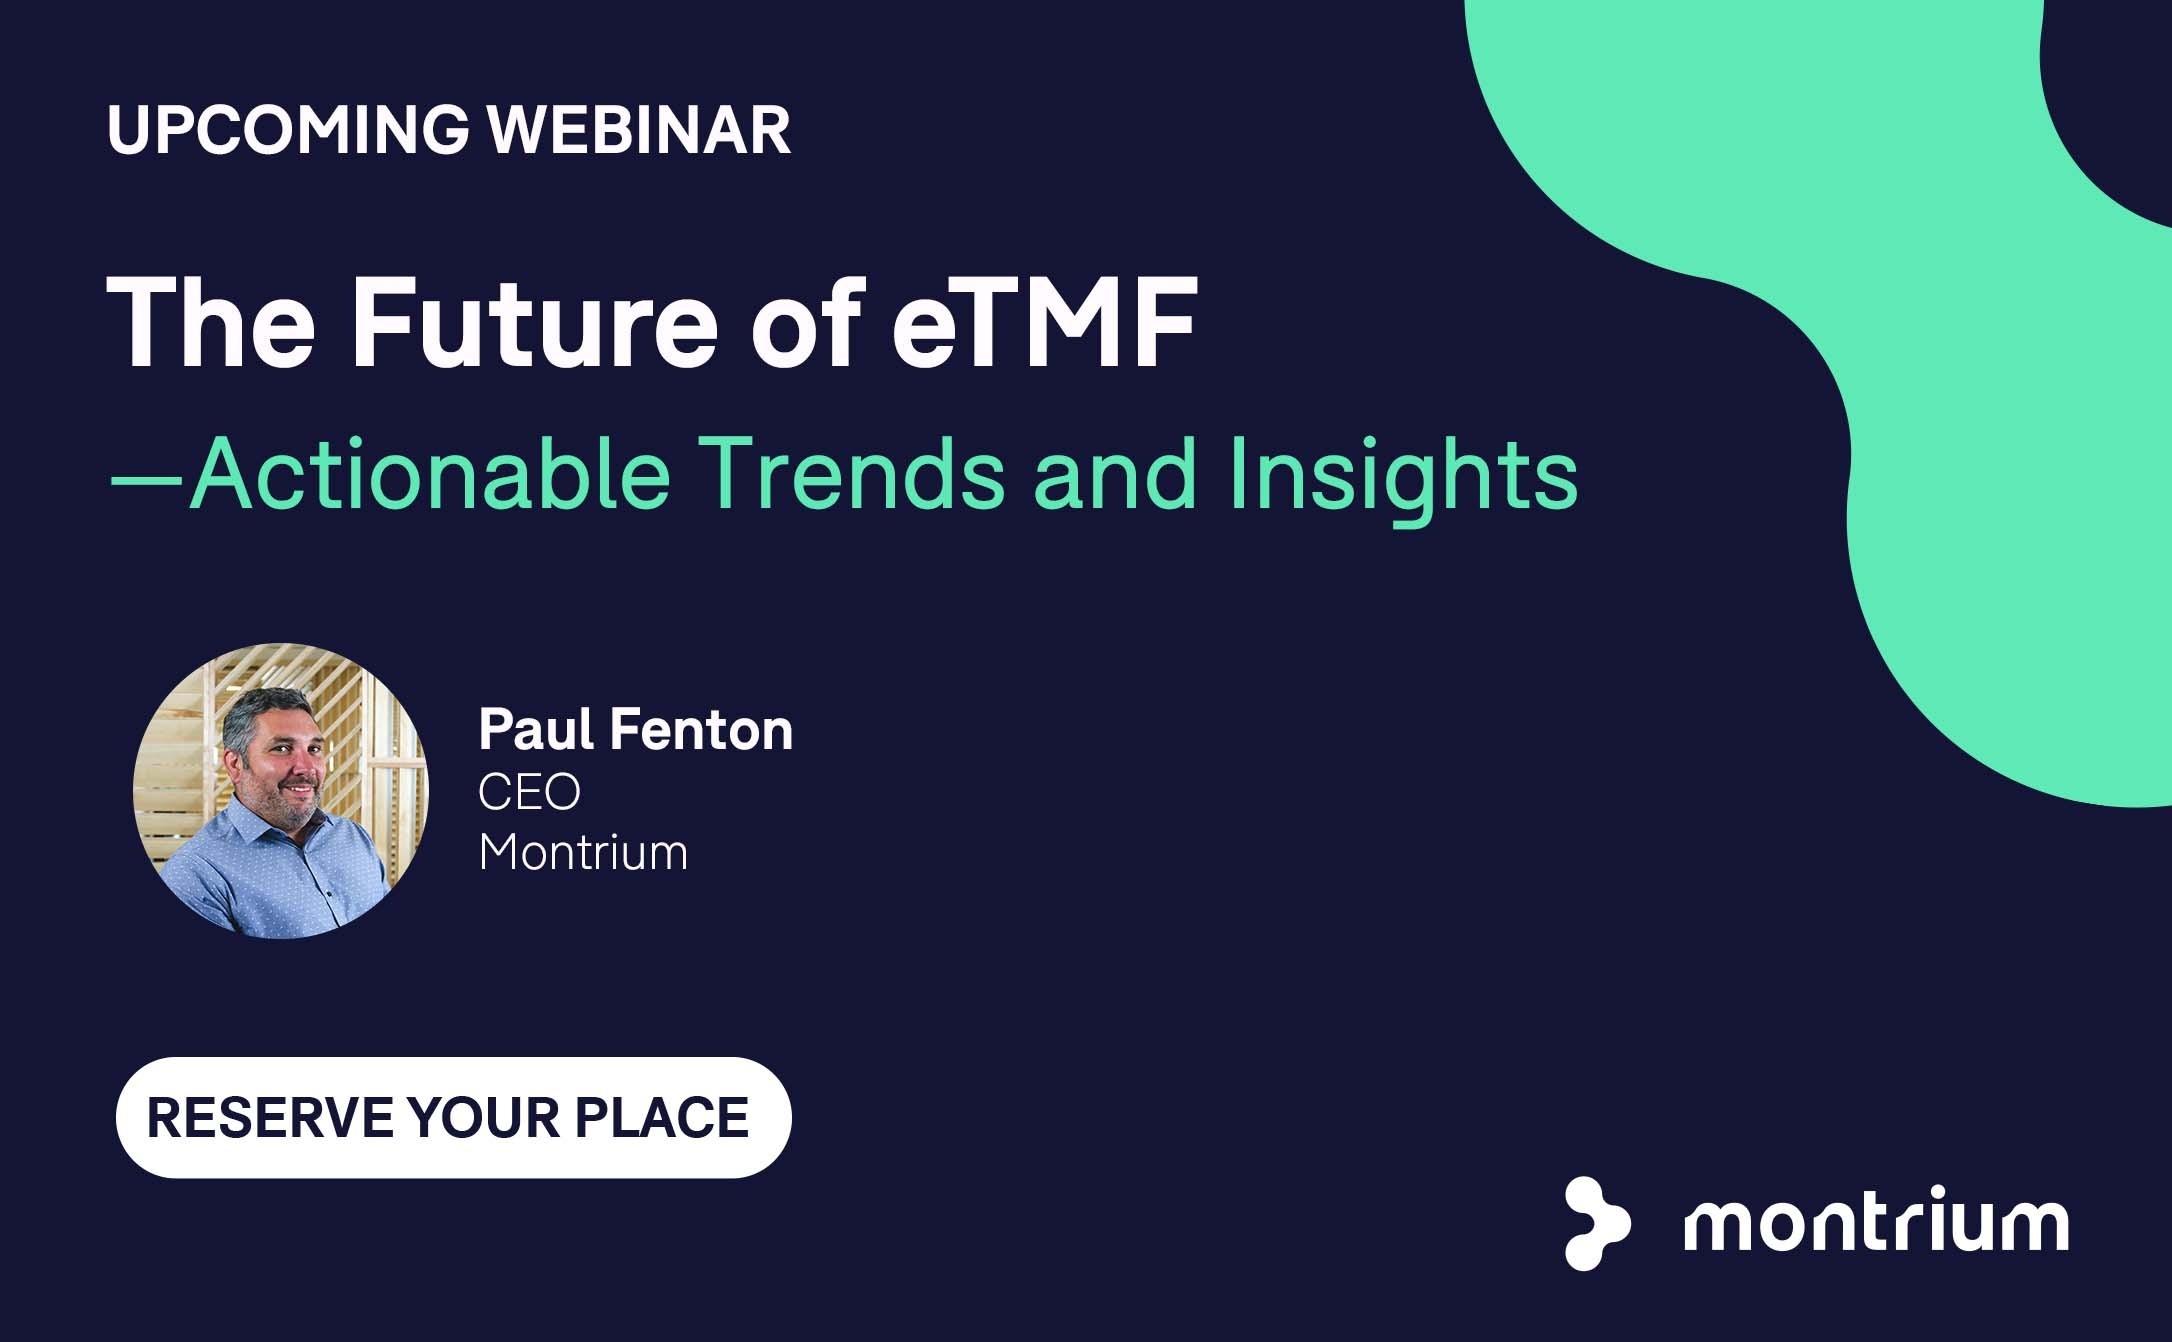 eTMF Buyers Guide